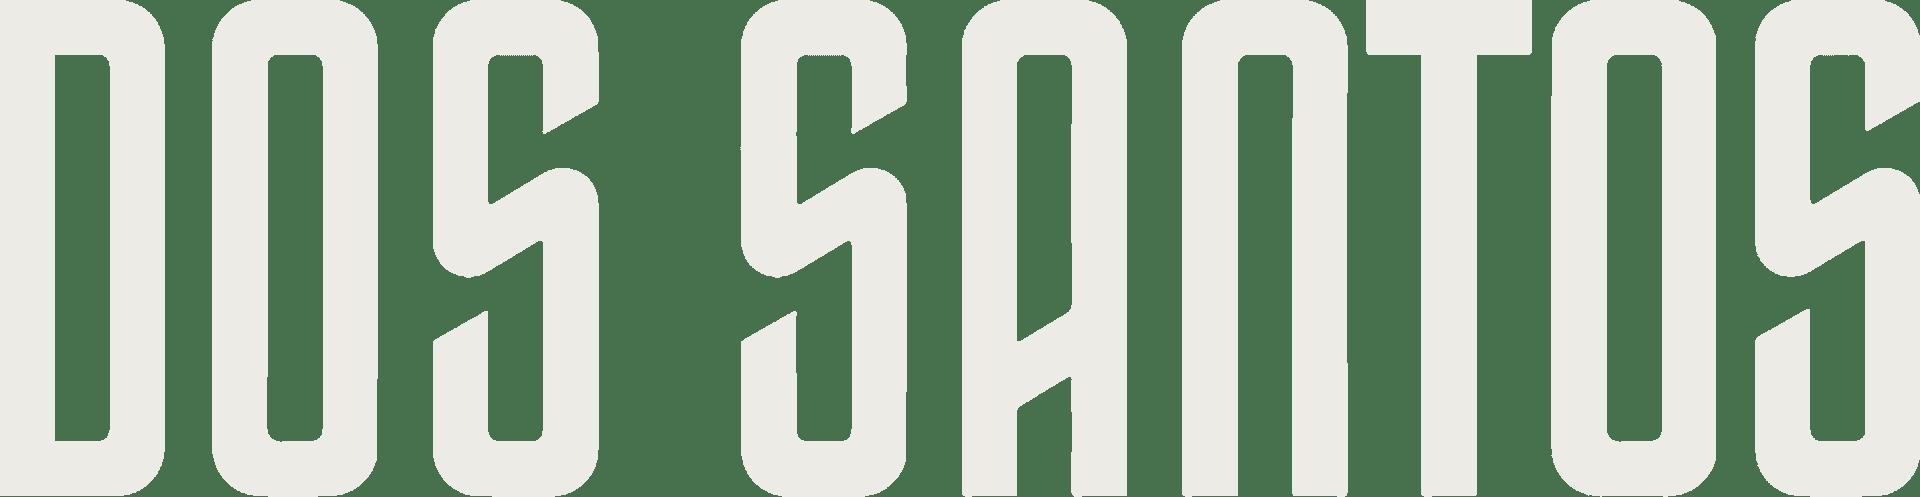 Dos Santos logo